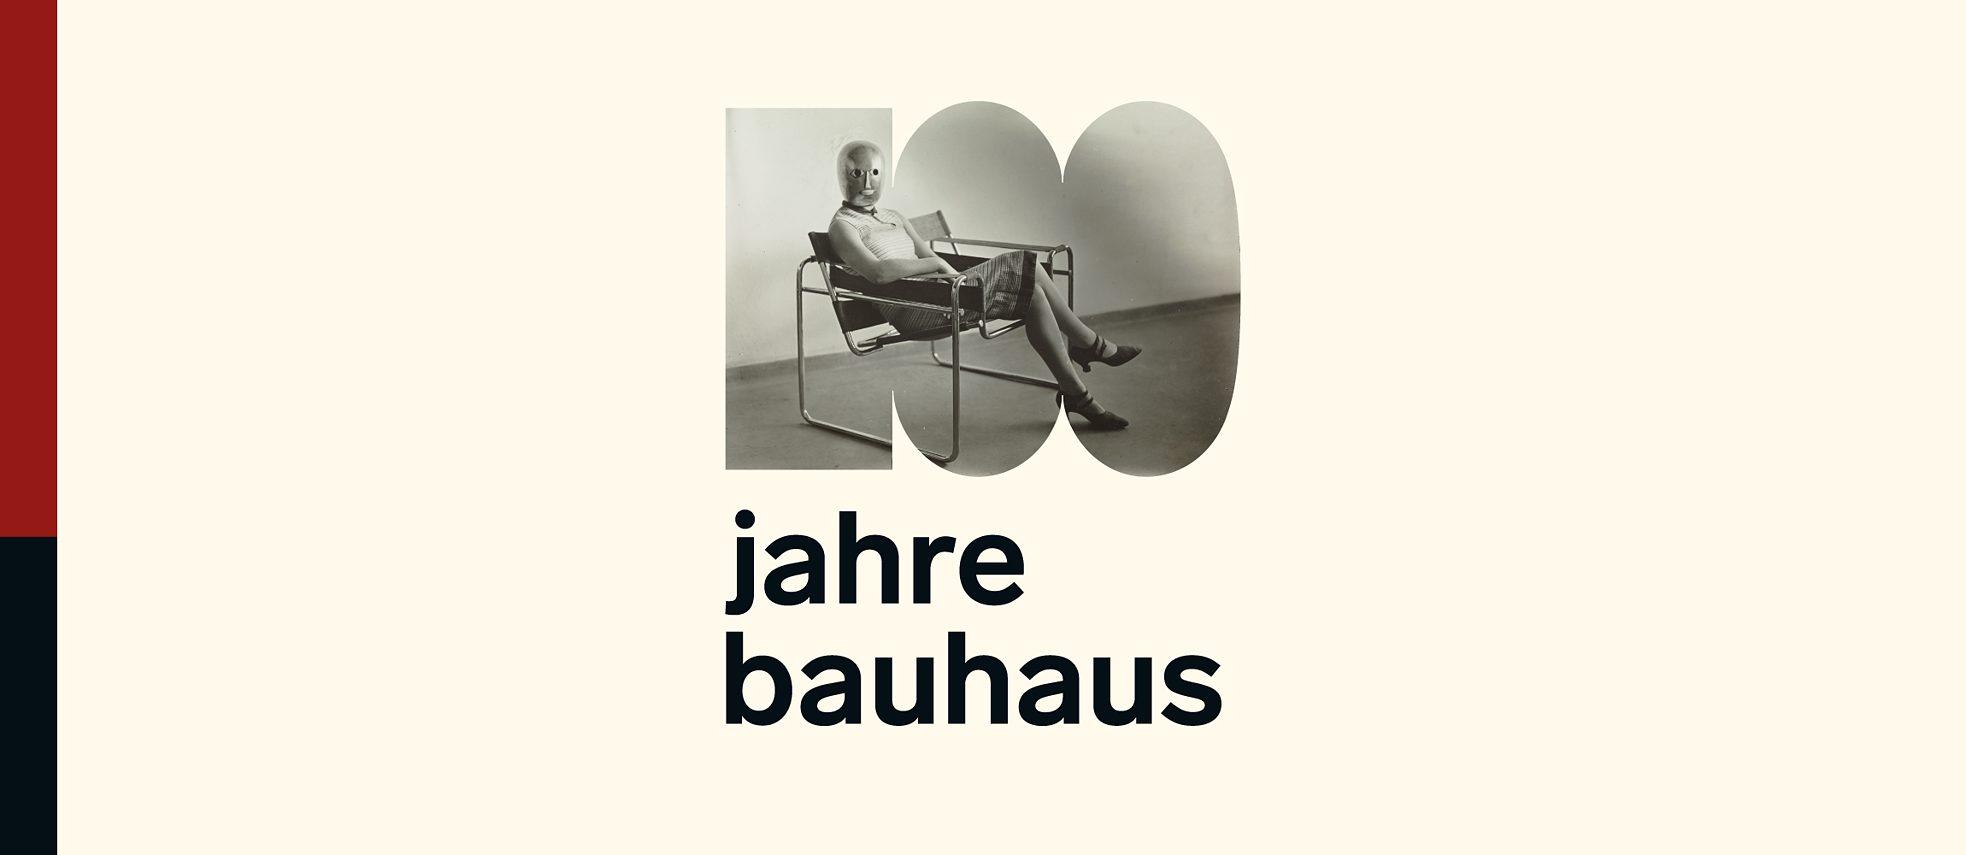 100 Years of Bauhaus - Rethinking the World